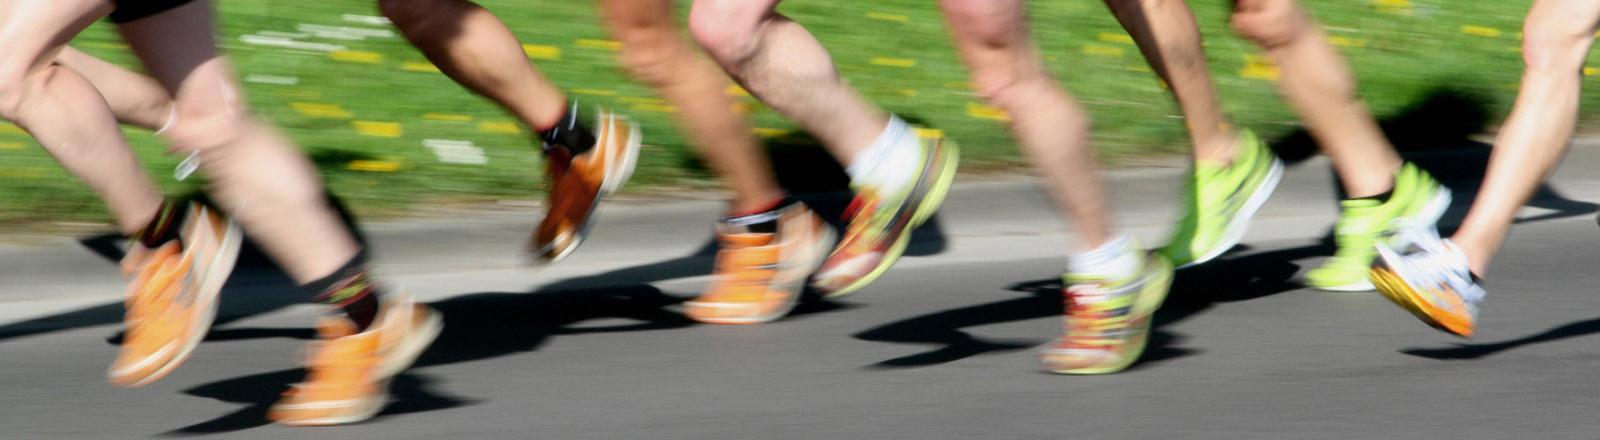 turnschuhe von läufern